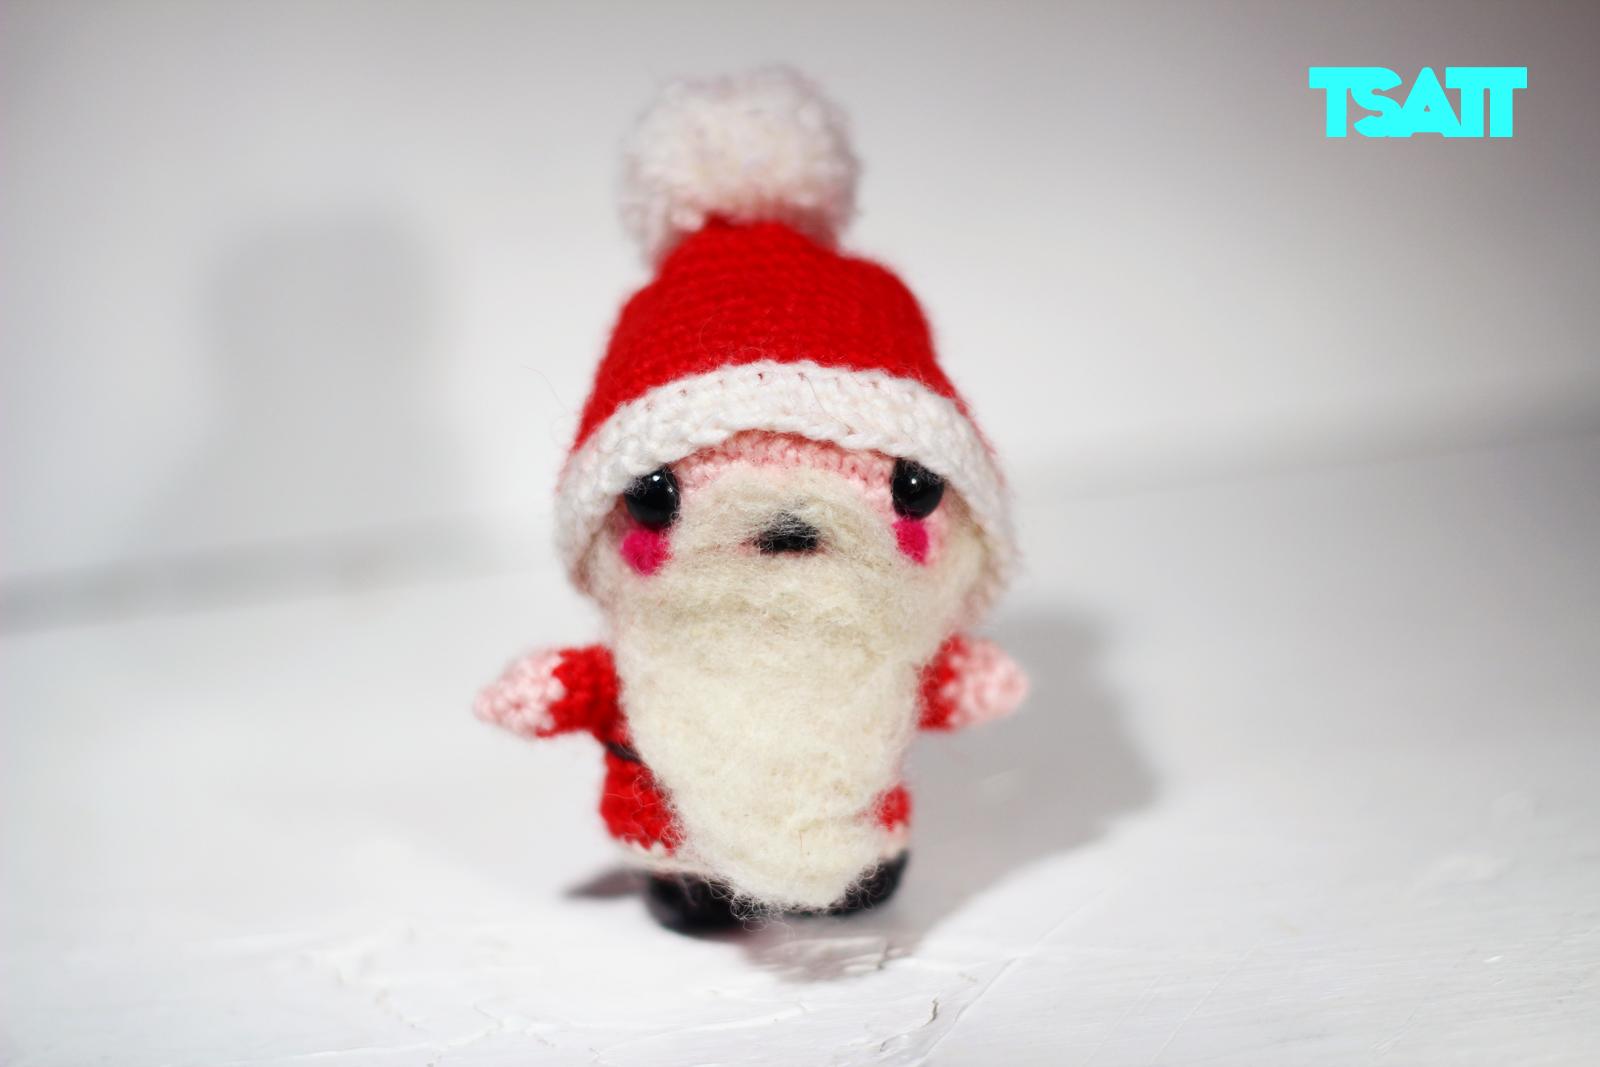 Amigurumi Santa Claus free pattern | Instructivo, Papa noel y Noel